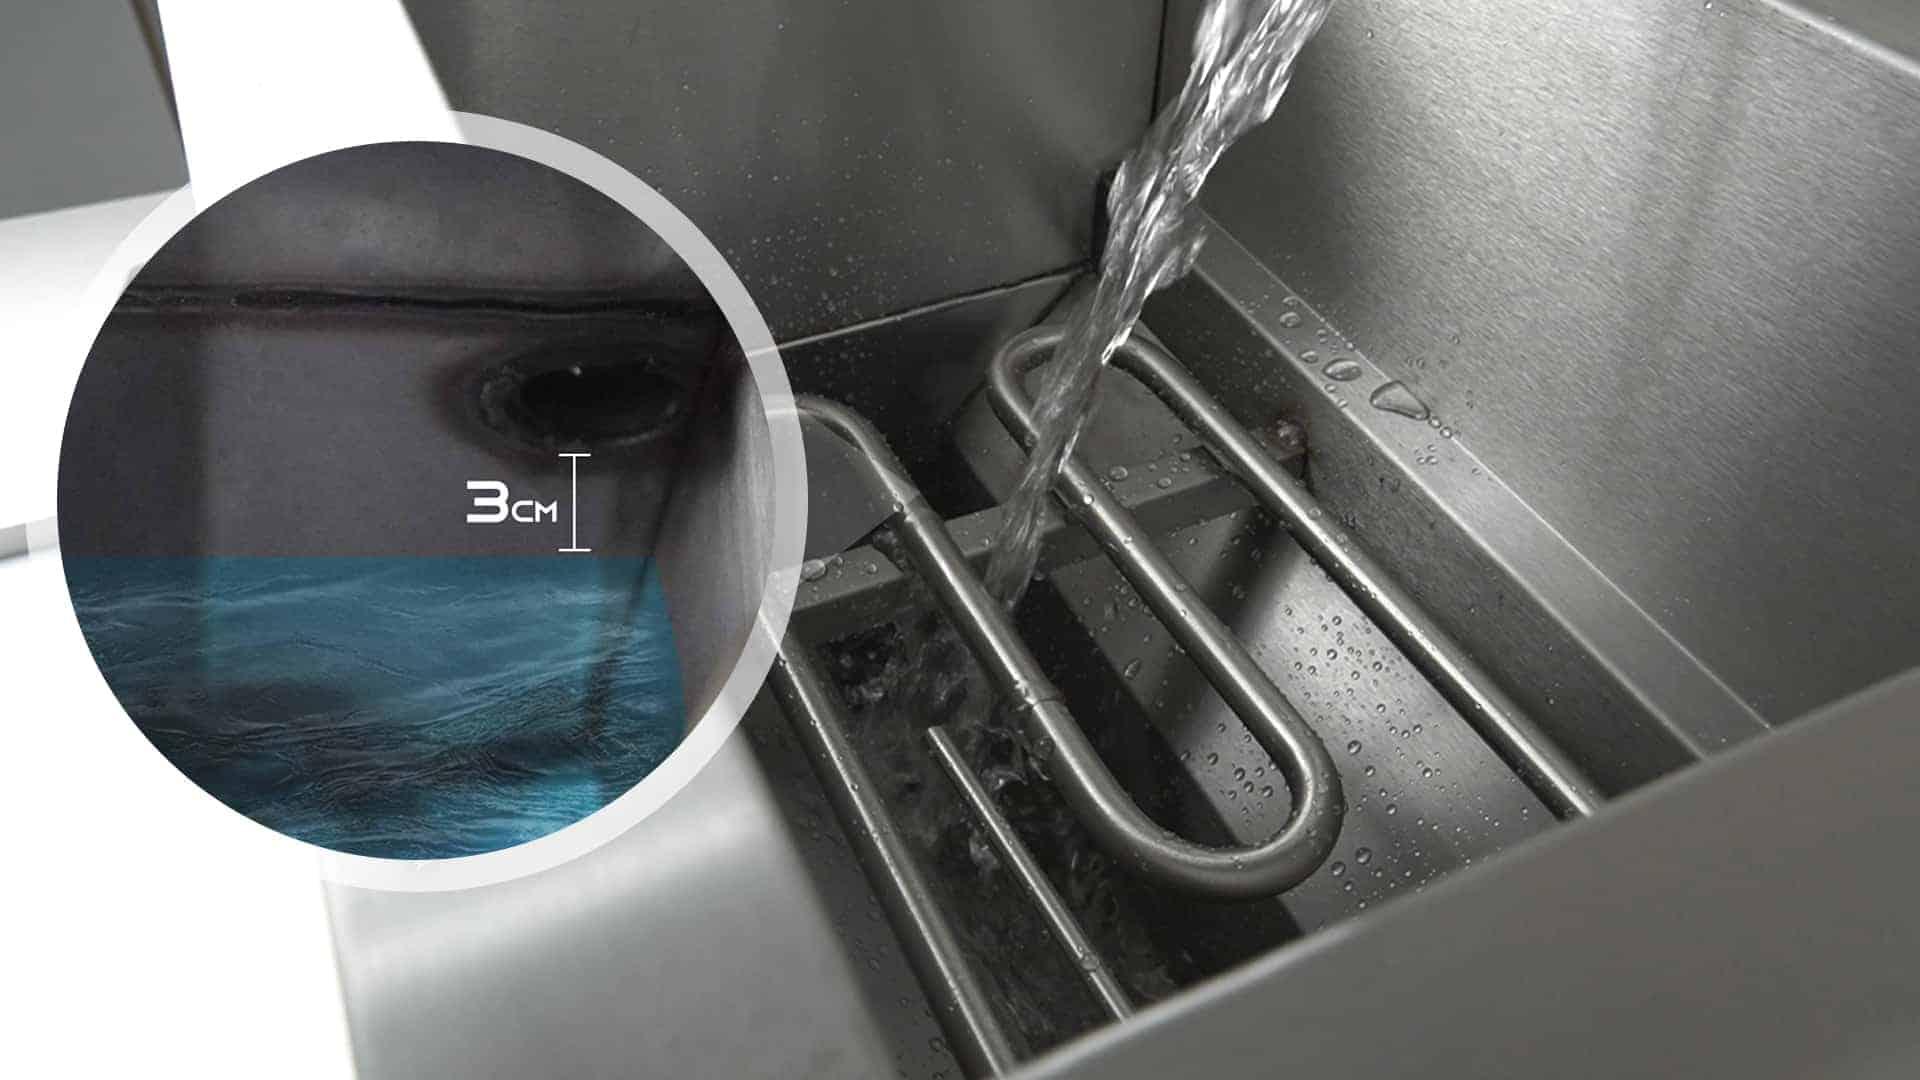 Bếp chiên nhúng công nghiệp FM-IND đổ nước làm mát vào bếp